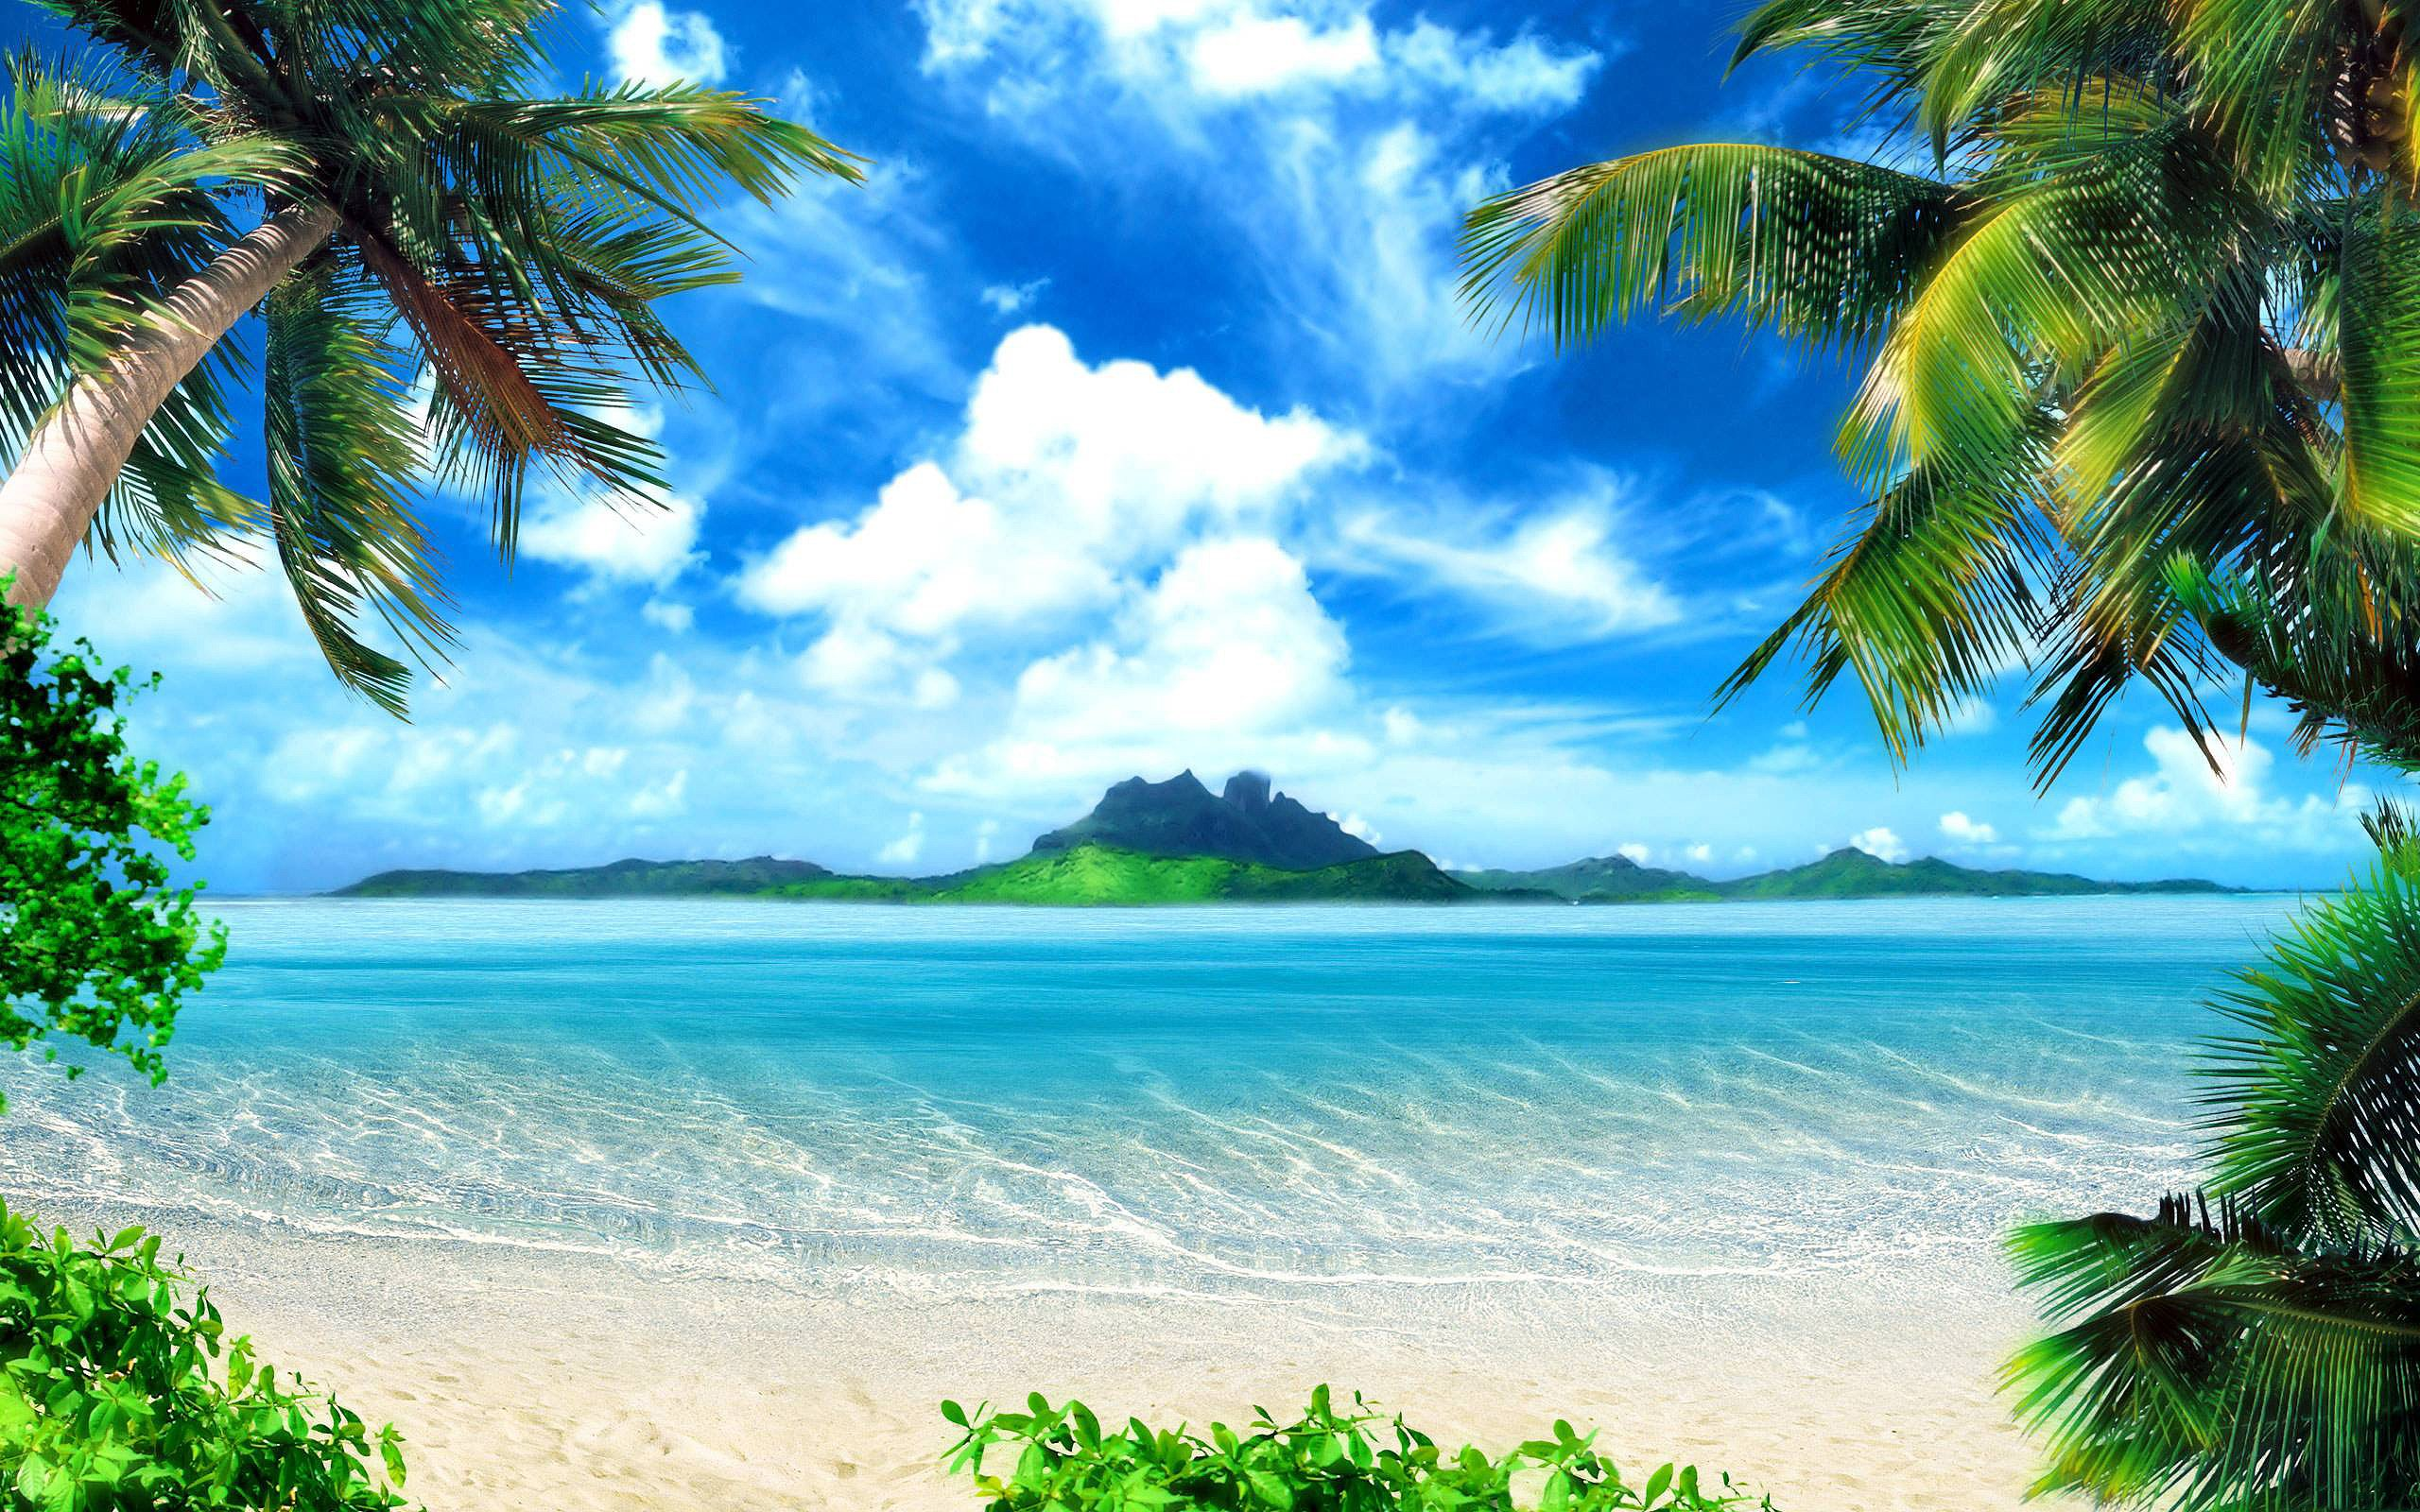 Tropical Beach Wallpaper HD wallpaper background 2560x1600